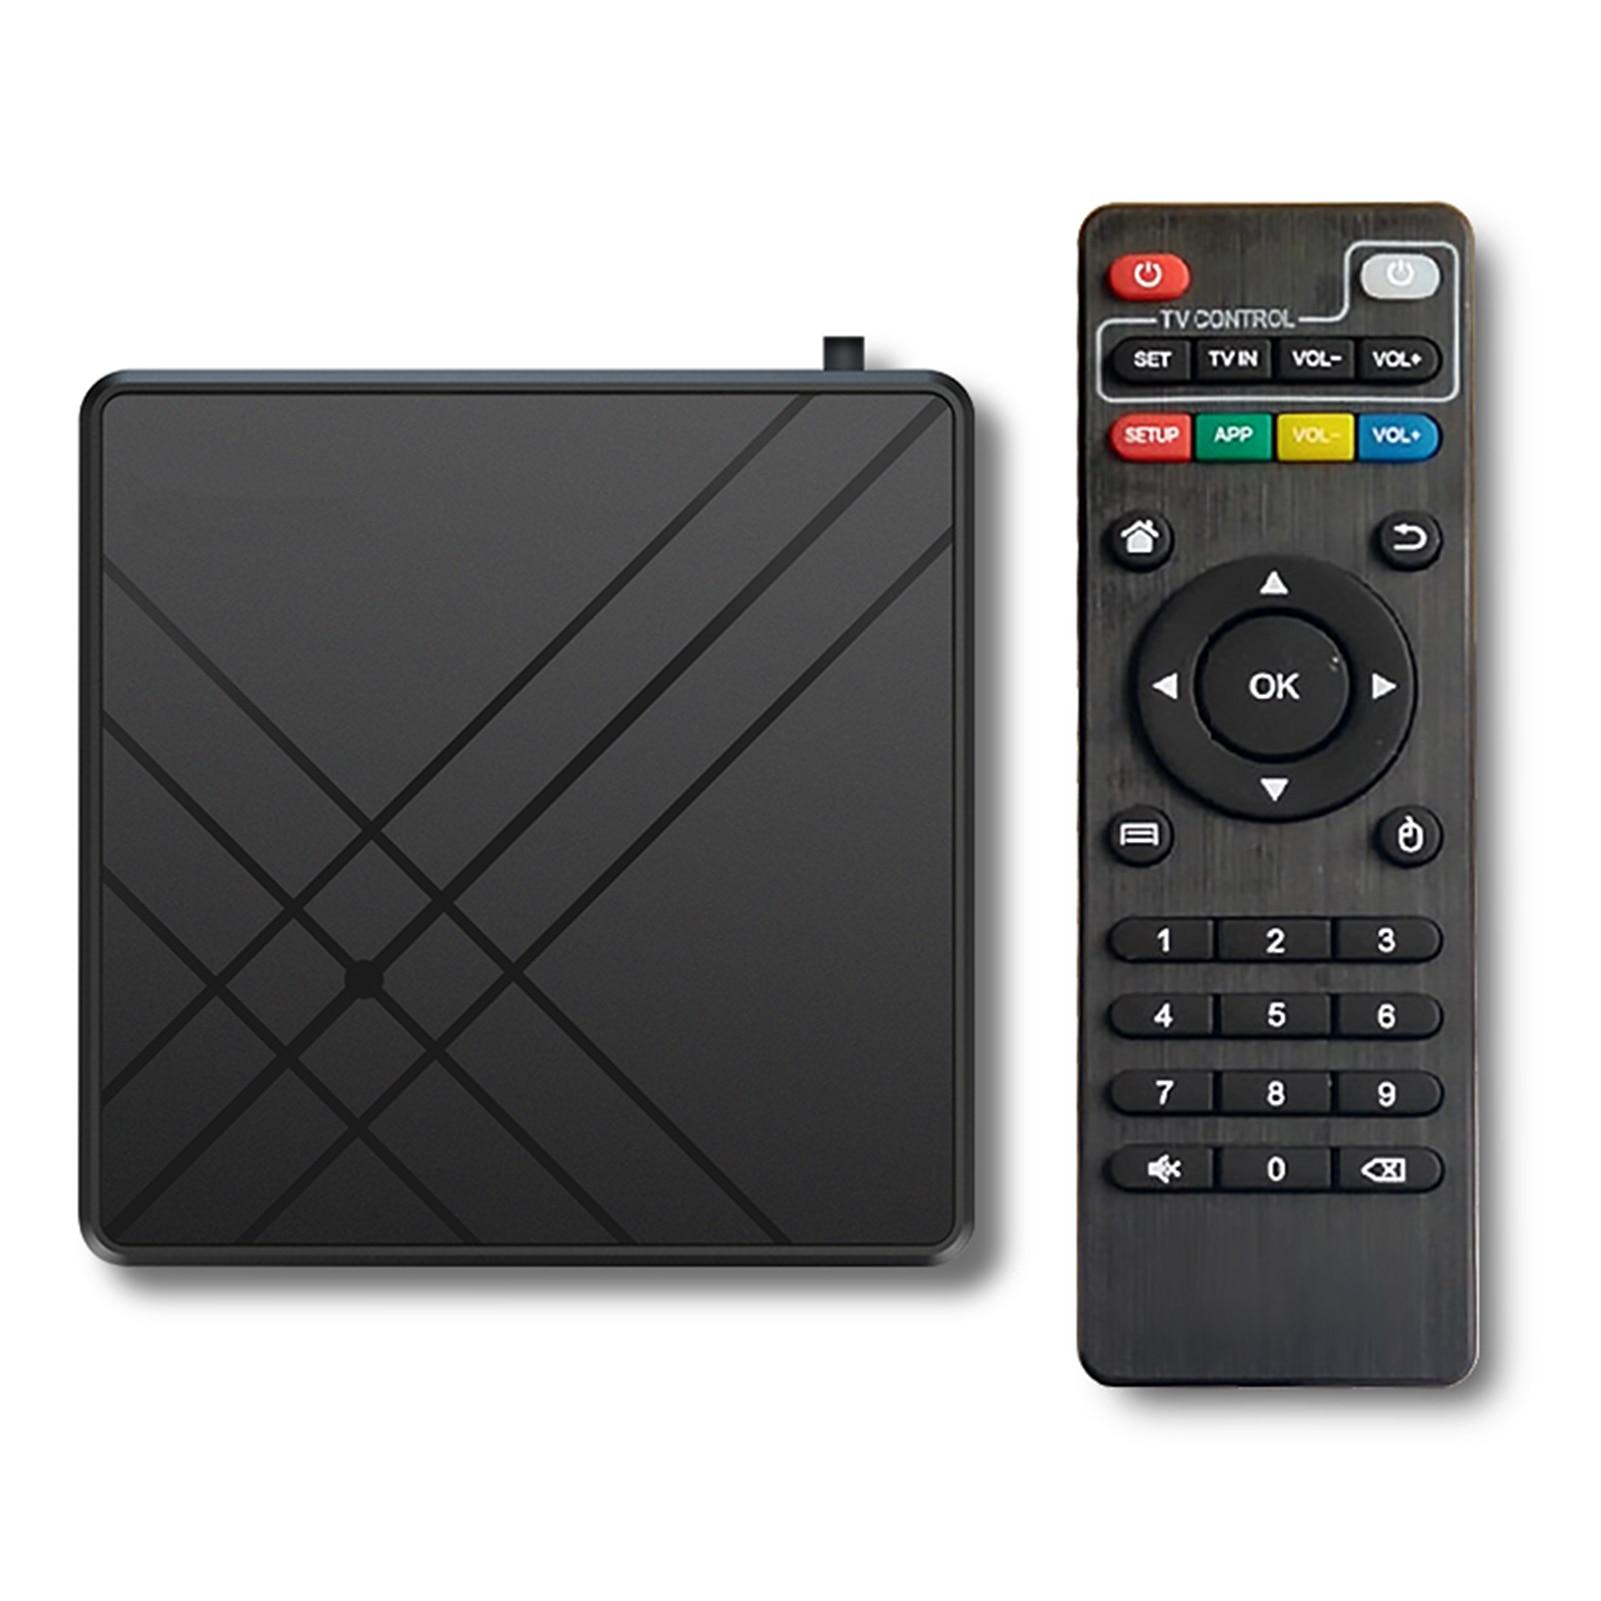 Para android 9.0 caixa de tv 4gb ram 32gb rom smart tv conjunto superior caixa amlogic s905 mx + s qpro 4k casa equipamento de vídeo de áudio